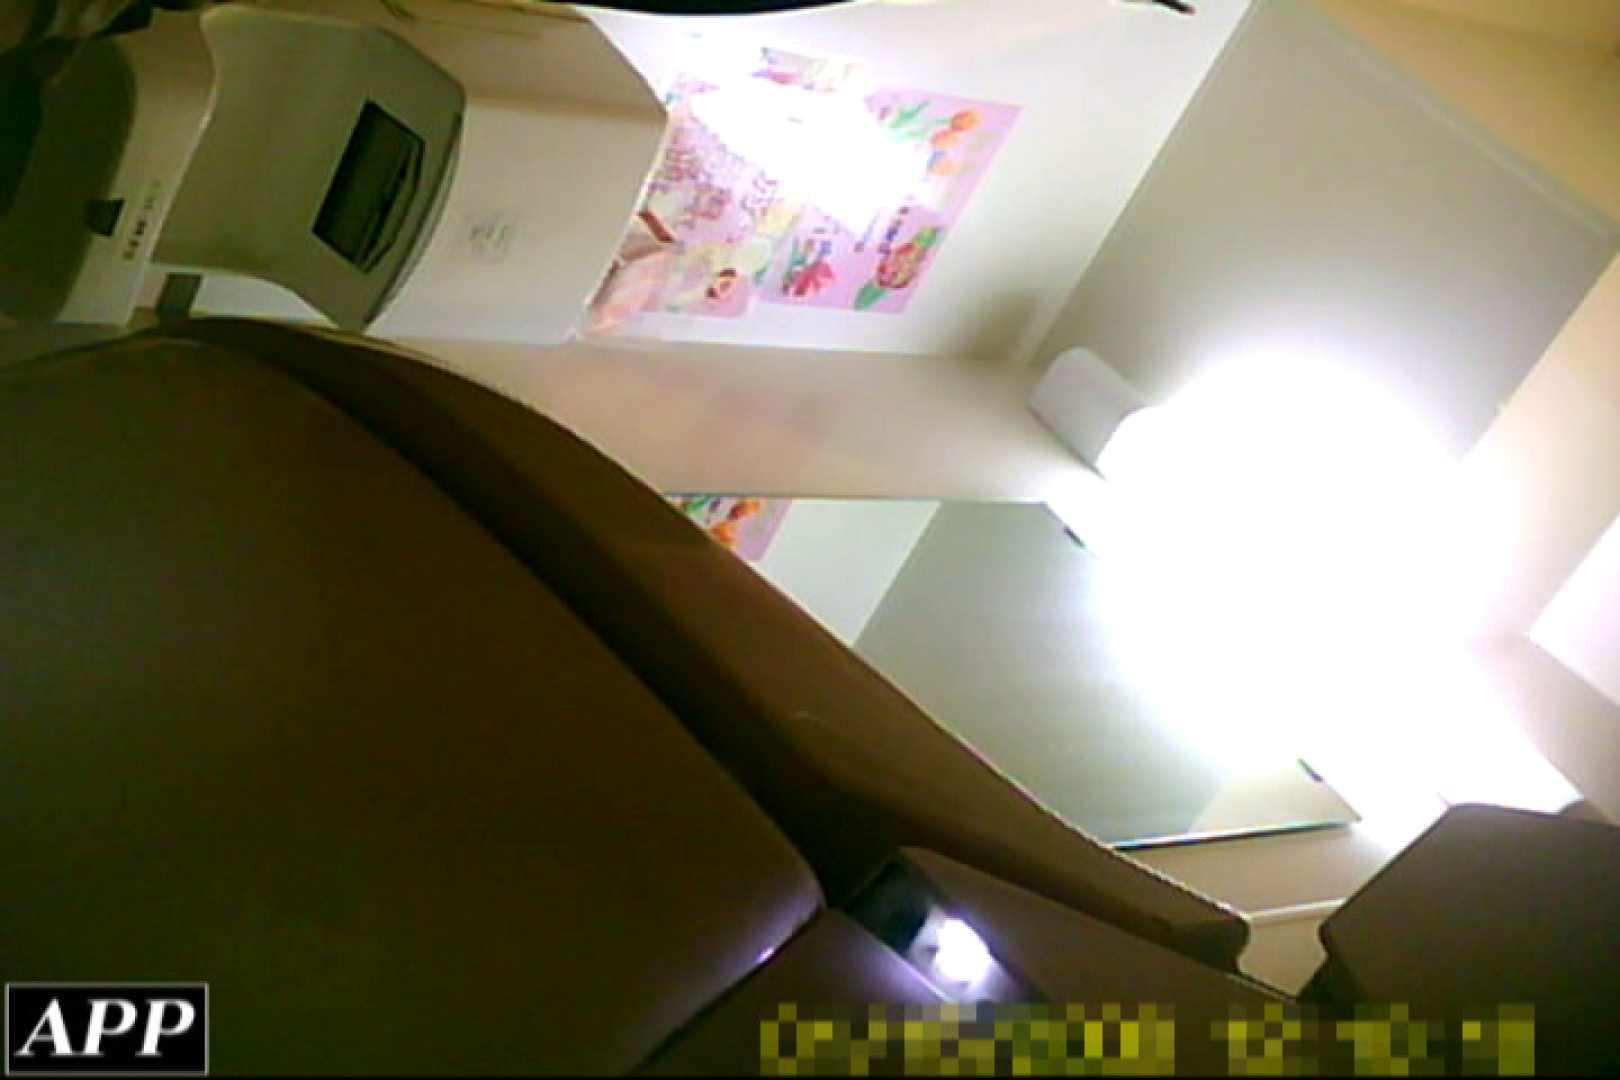 3視点洗面所 vol.126 マンコ  78PIX 34